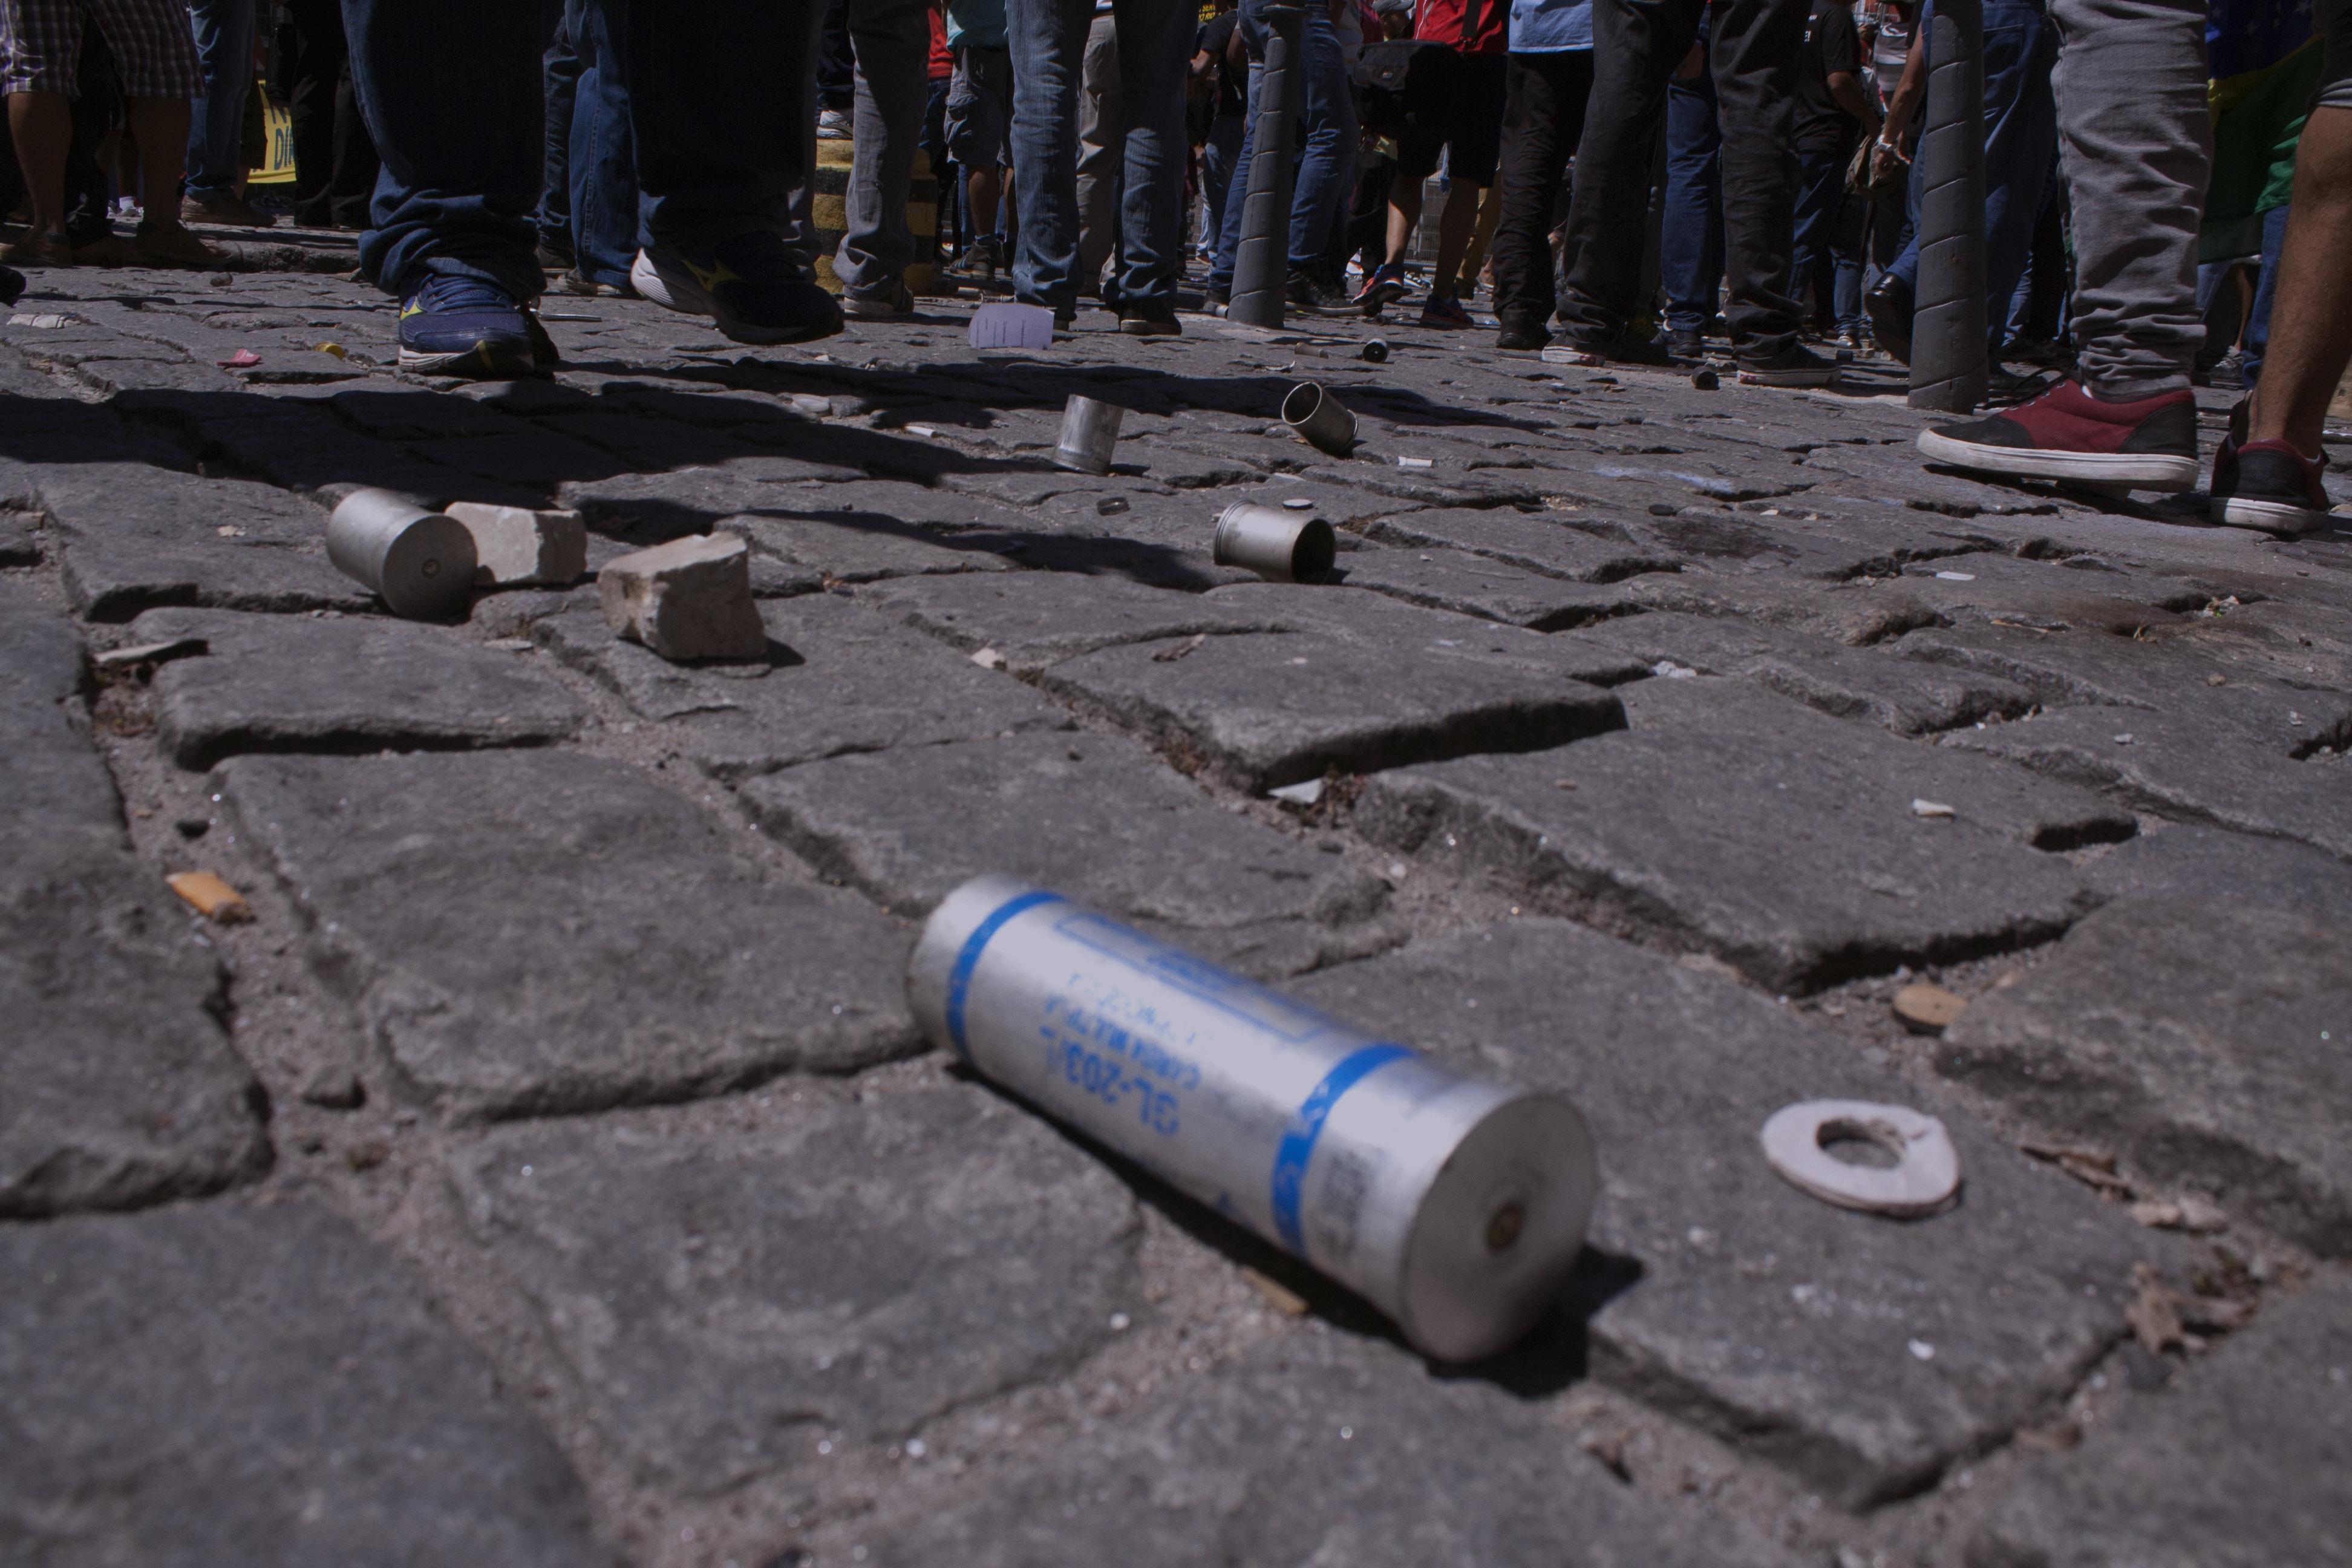 protesto-dos-servidores-no-rio-de-janeiro-7